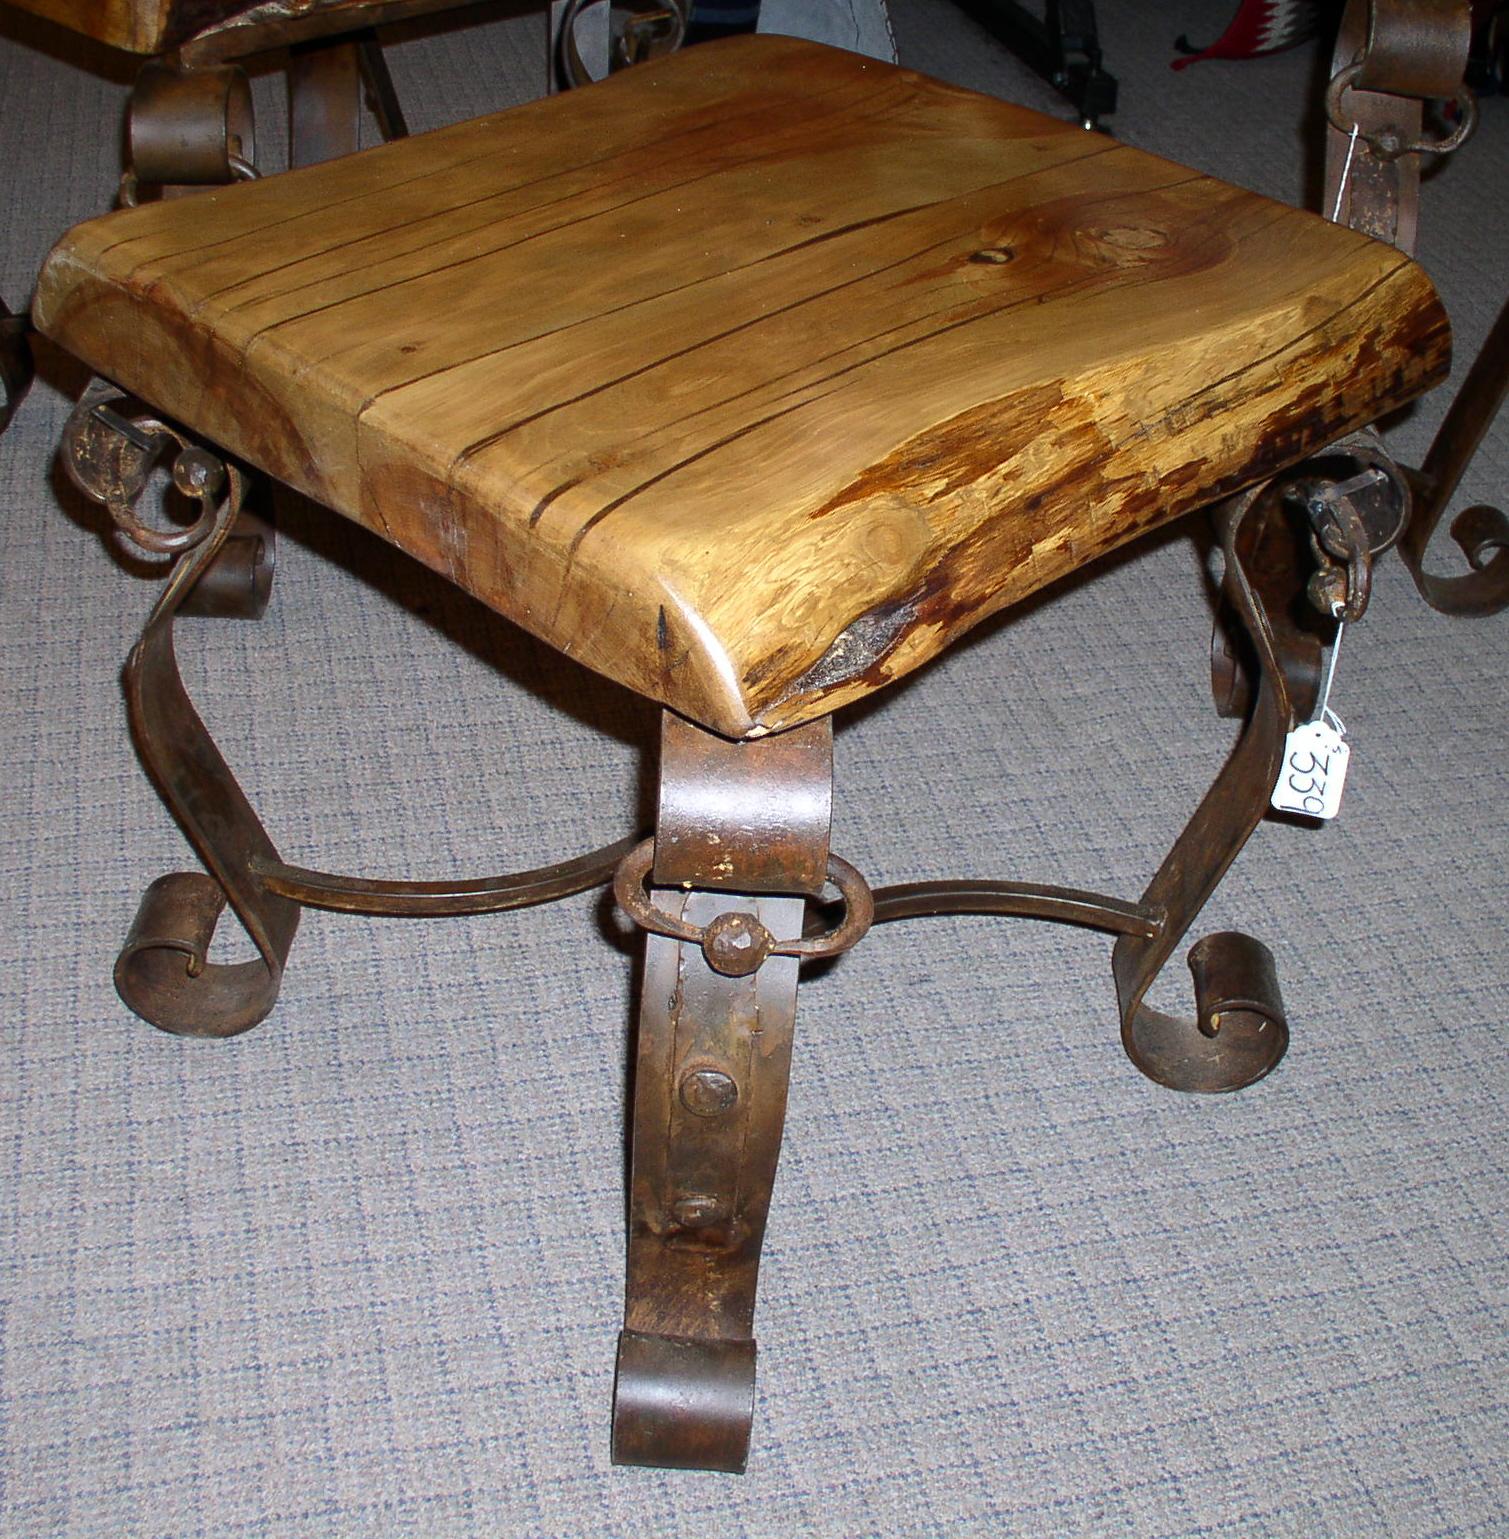 #6617 END TABLE JUNIPER 2' X 2' X 2'T 339.00 - Copy - Copy.jpg